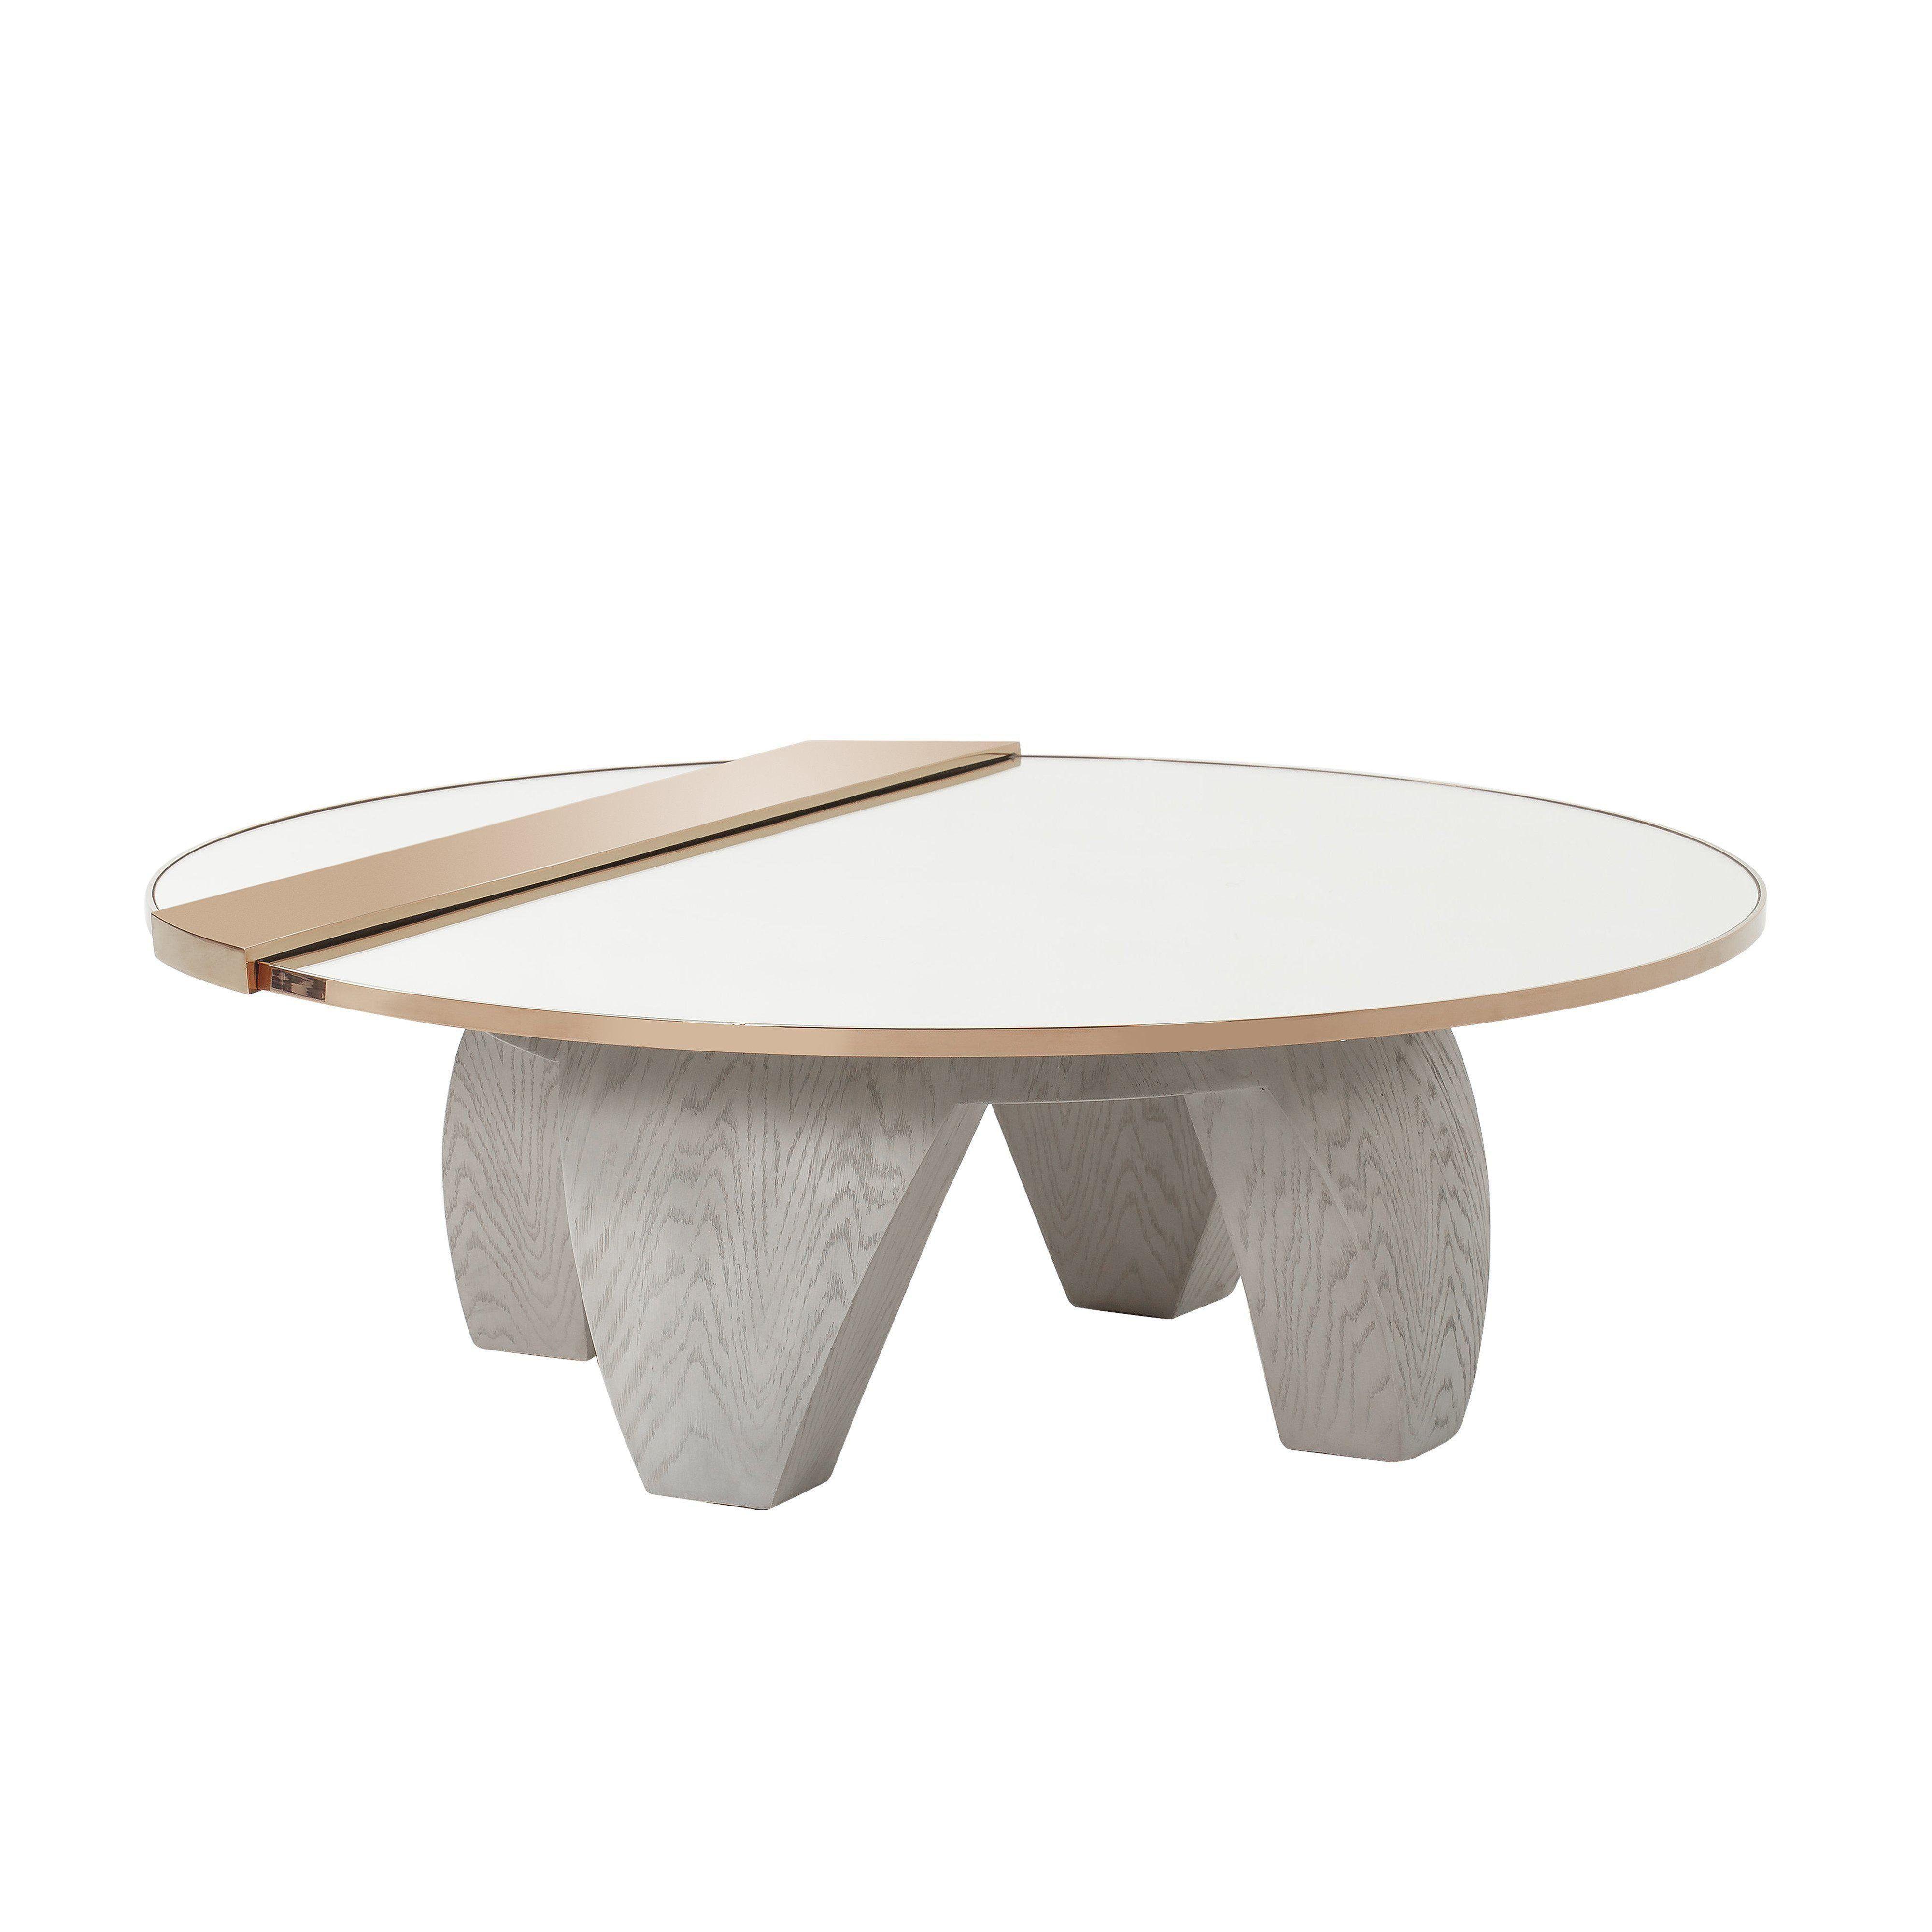 Kelly Hoppen Titian Coffee Table - Mirror In 2019